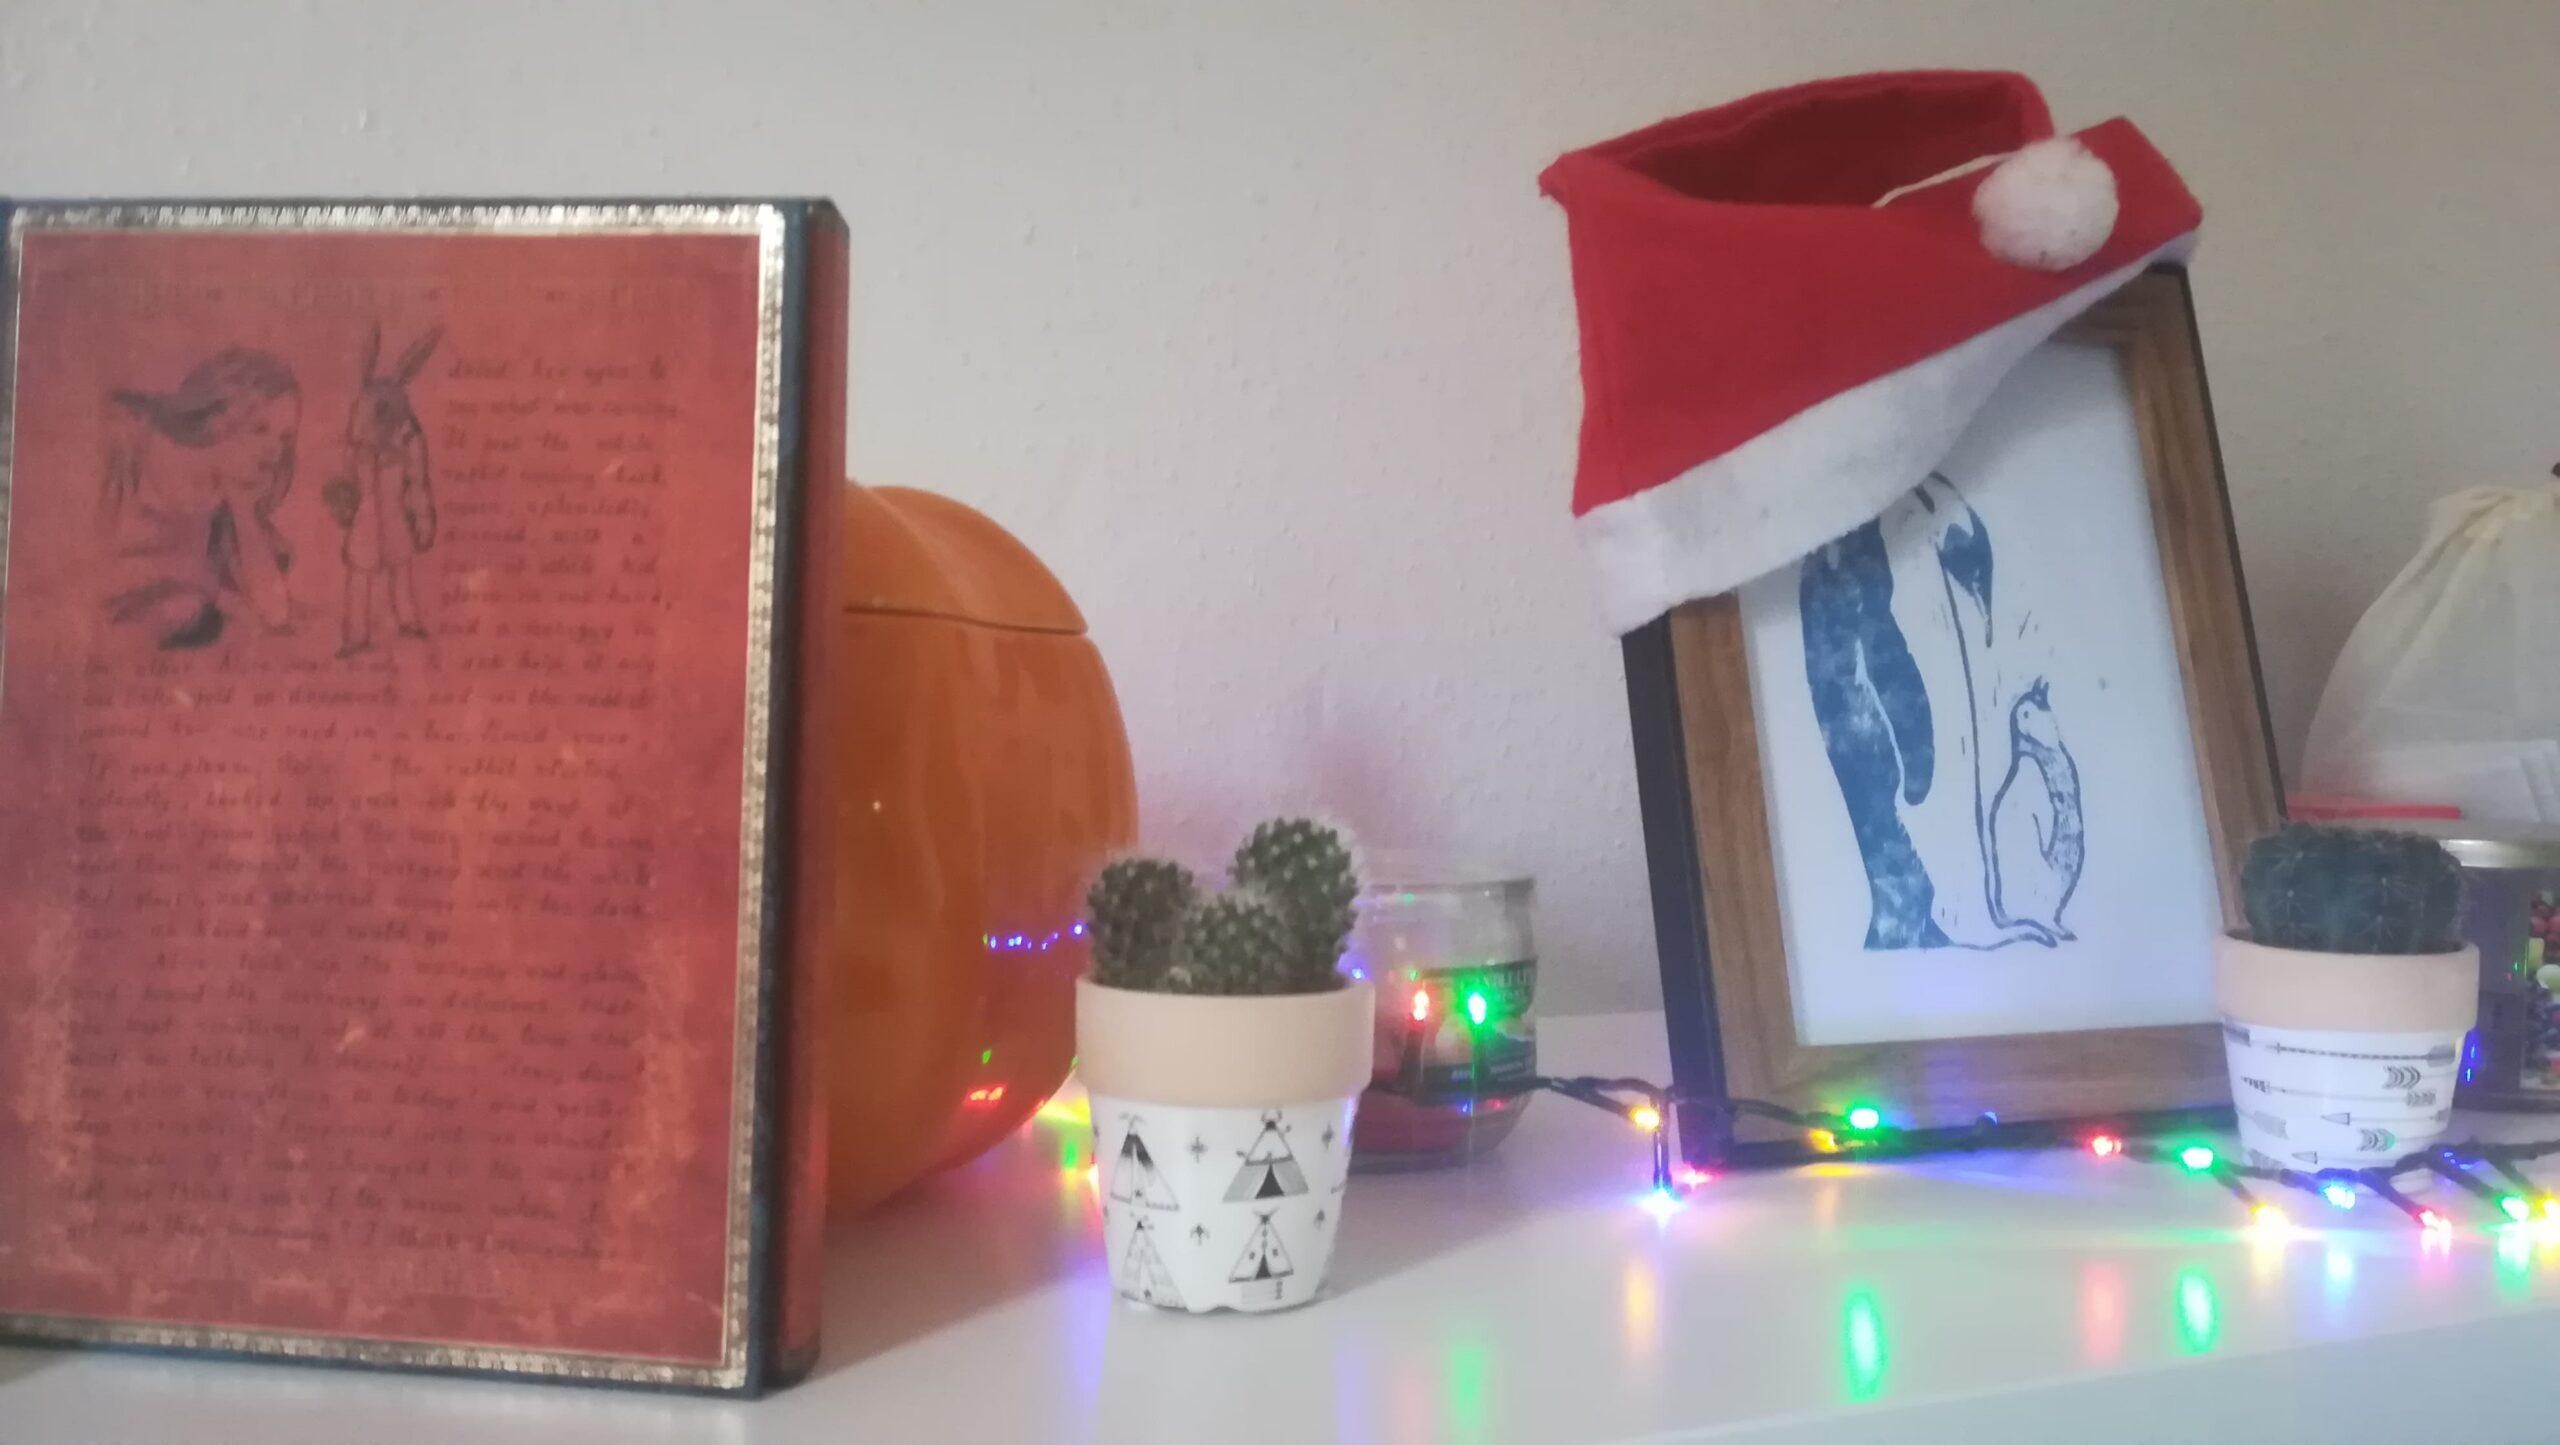 À gauche de l'image, un livre se tient debout. Sur la couverture, un dessin d'Alice se confiant au lapin blanc, entouré des premiers mots du roman de Lewis Caroll. Il est appuyé contre une citrouille en céramique décorative, dans laquelle se reflètent les lueurs de la guirlande lumineuse qui serpente entre ces objets. Au premier plan, un petit cactus verdâtre dans un pot blanc décoré de tipis amérindiens. Derrière lui, une bougie rose dans son bocal large. Un cadre décoré d'un bonnet de père Noël, aux liserés de bois, décris un manchot empereur adulte regardant son petit, entre ses pattes, avec tendresse. Devant ce cadre, un deuxième cactus vert dans un pot blanc décoré de flèches.